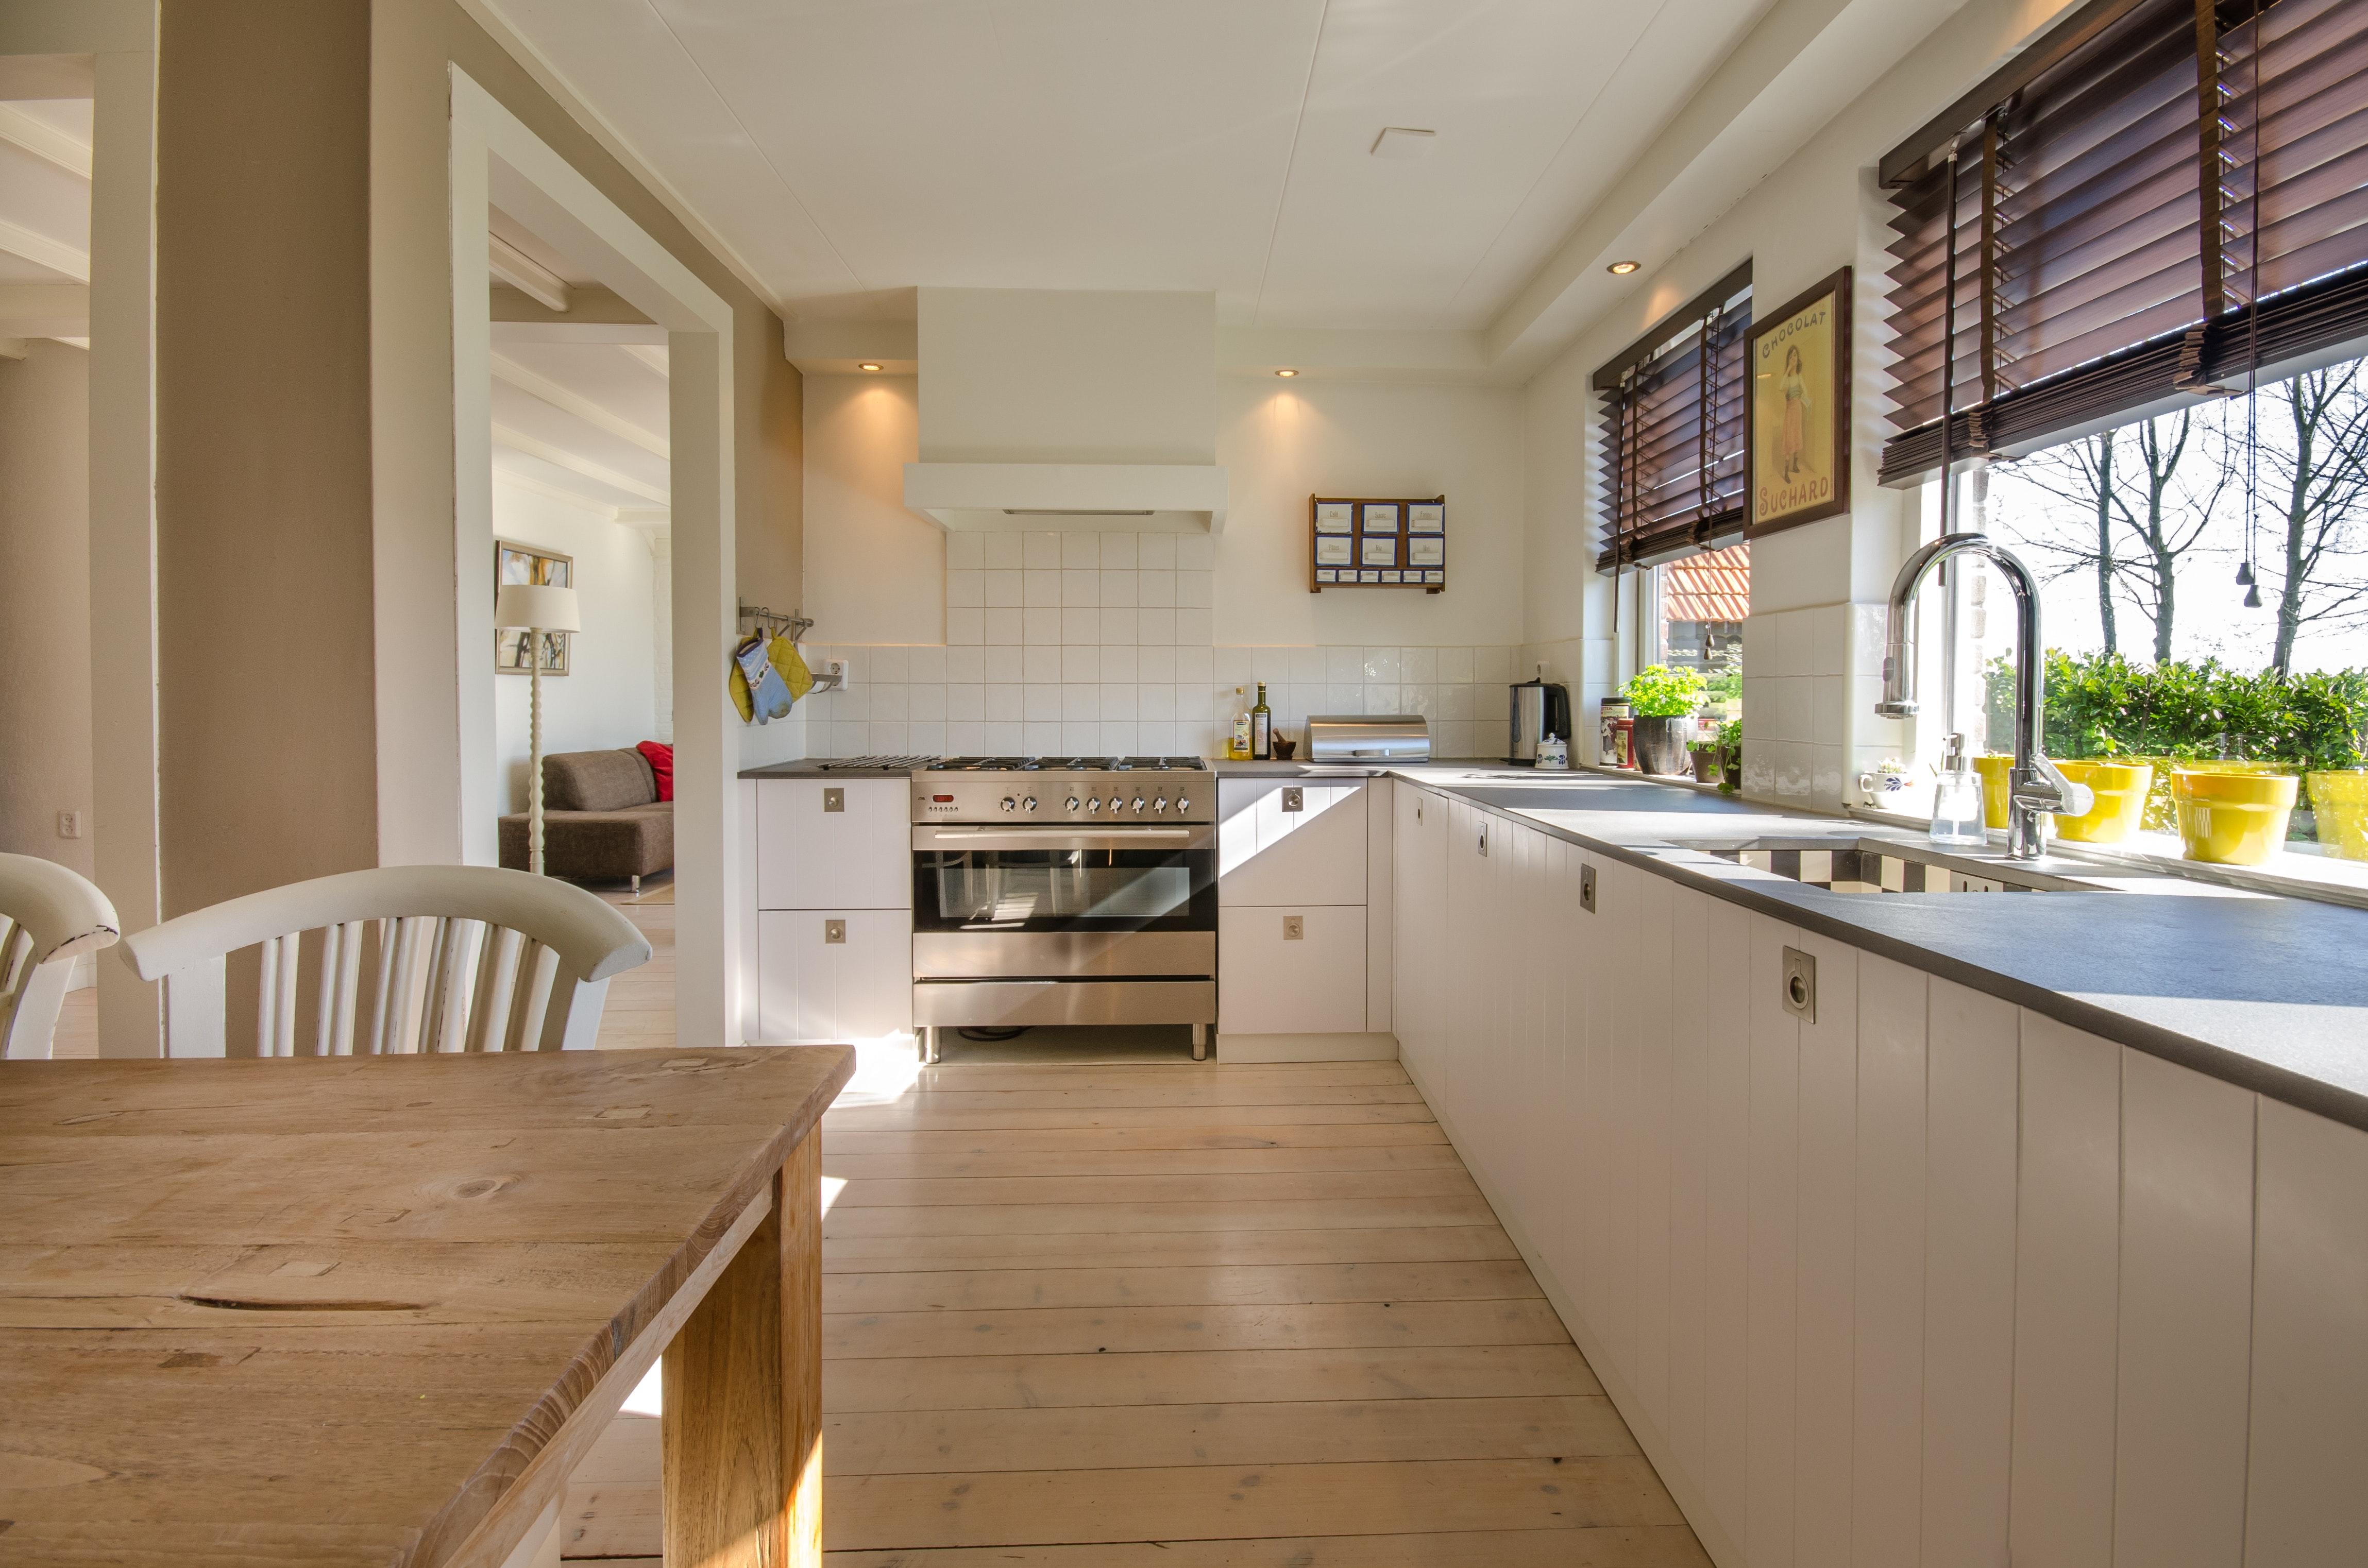 smart kitchen storage ideas near Windows